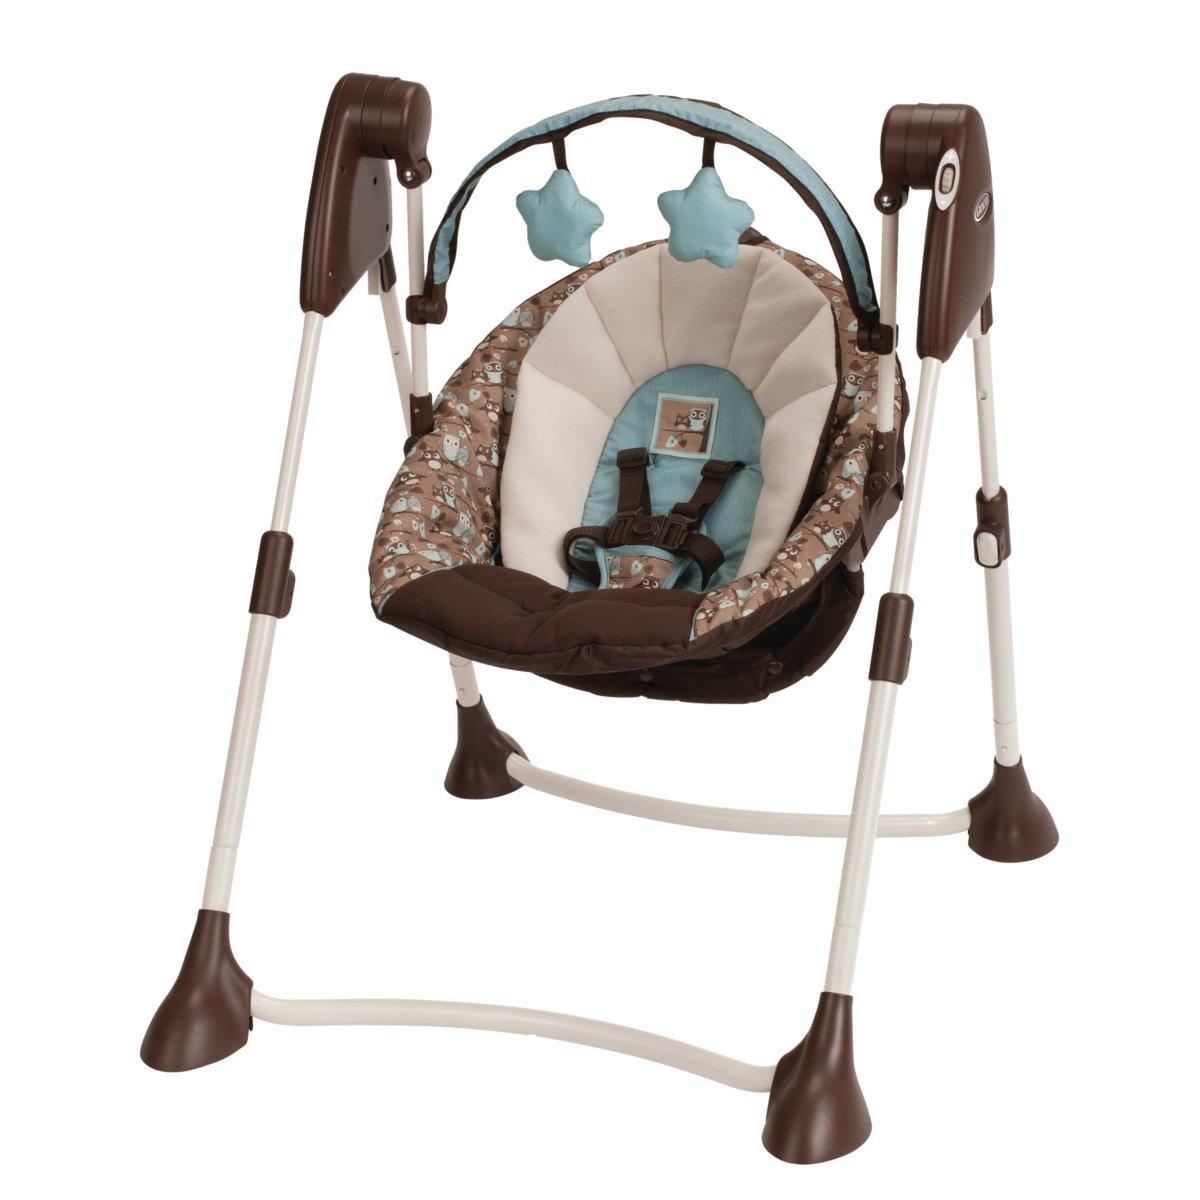 Graco Swing By Me Portable 2-in-1 Baby Swing Little Hoot